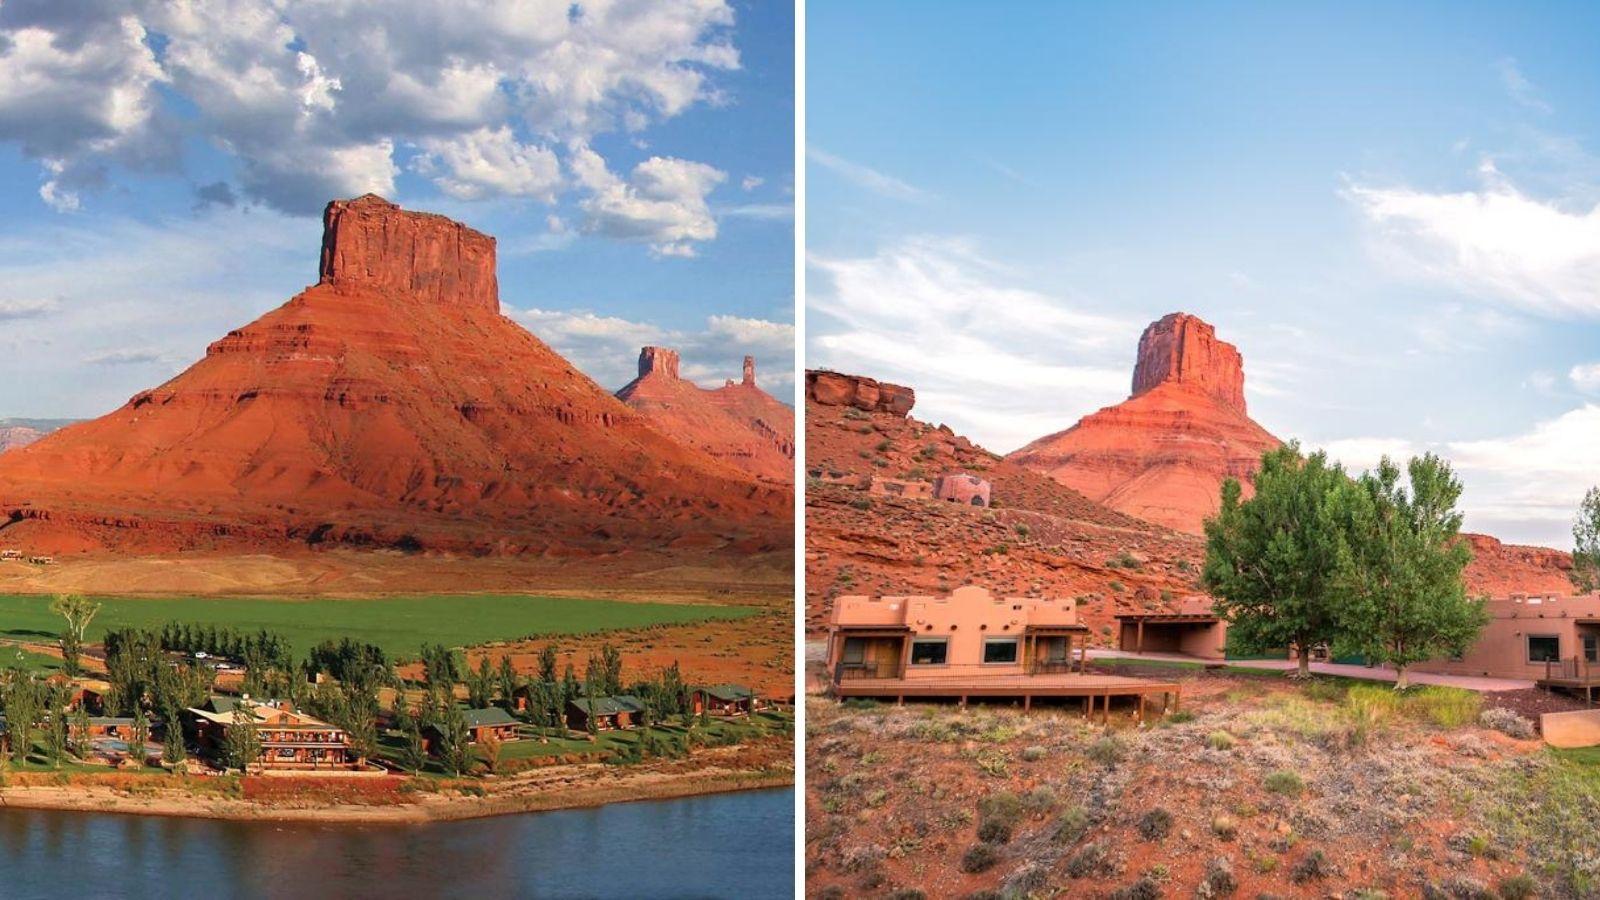 du lịch Moab Mỹ điểm đến du lịch đẹp như hành tinh lạ